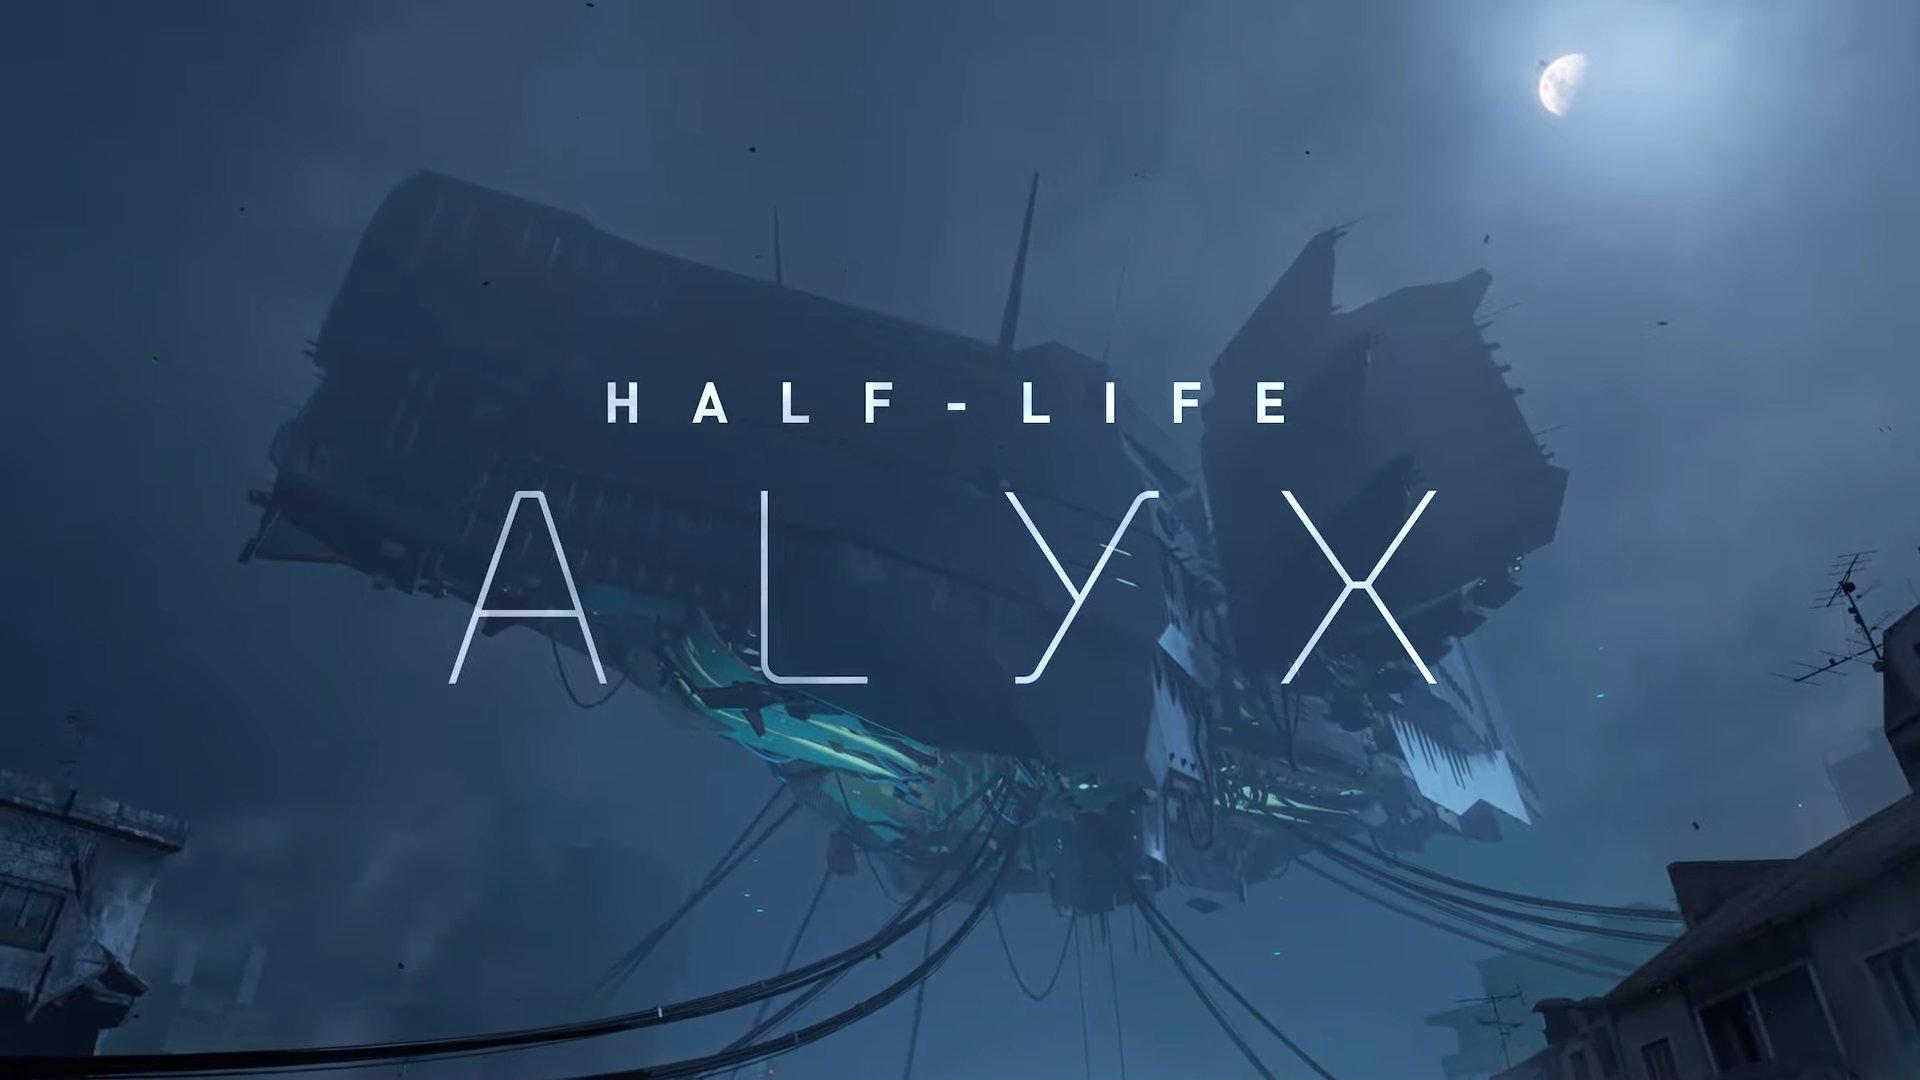 Half Lufe Alyx Tested